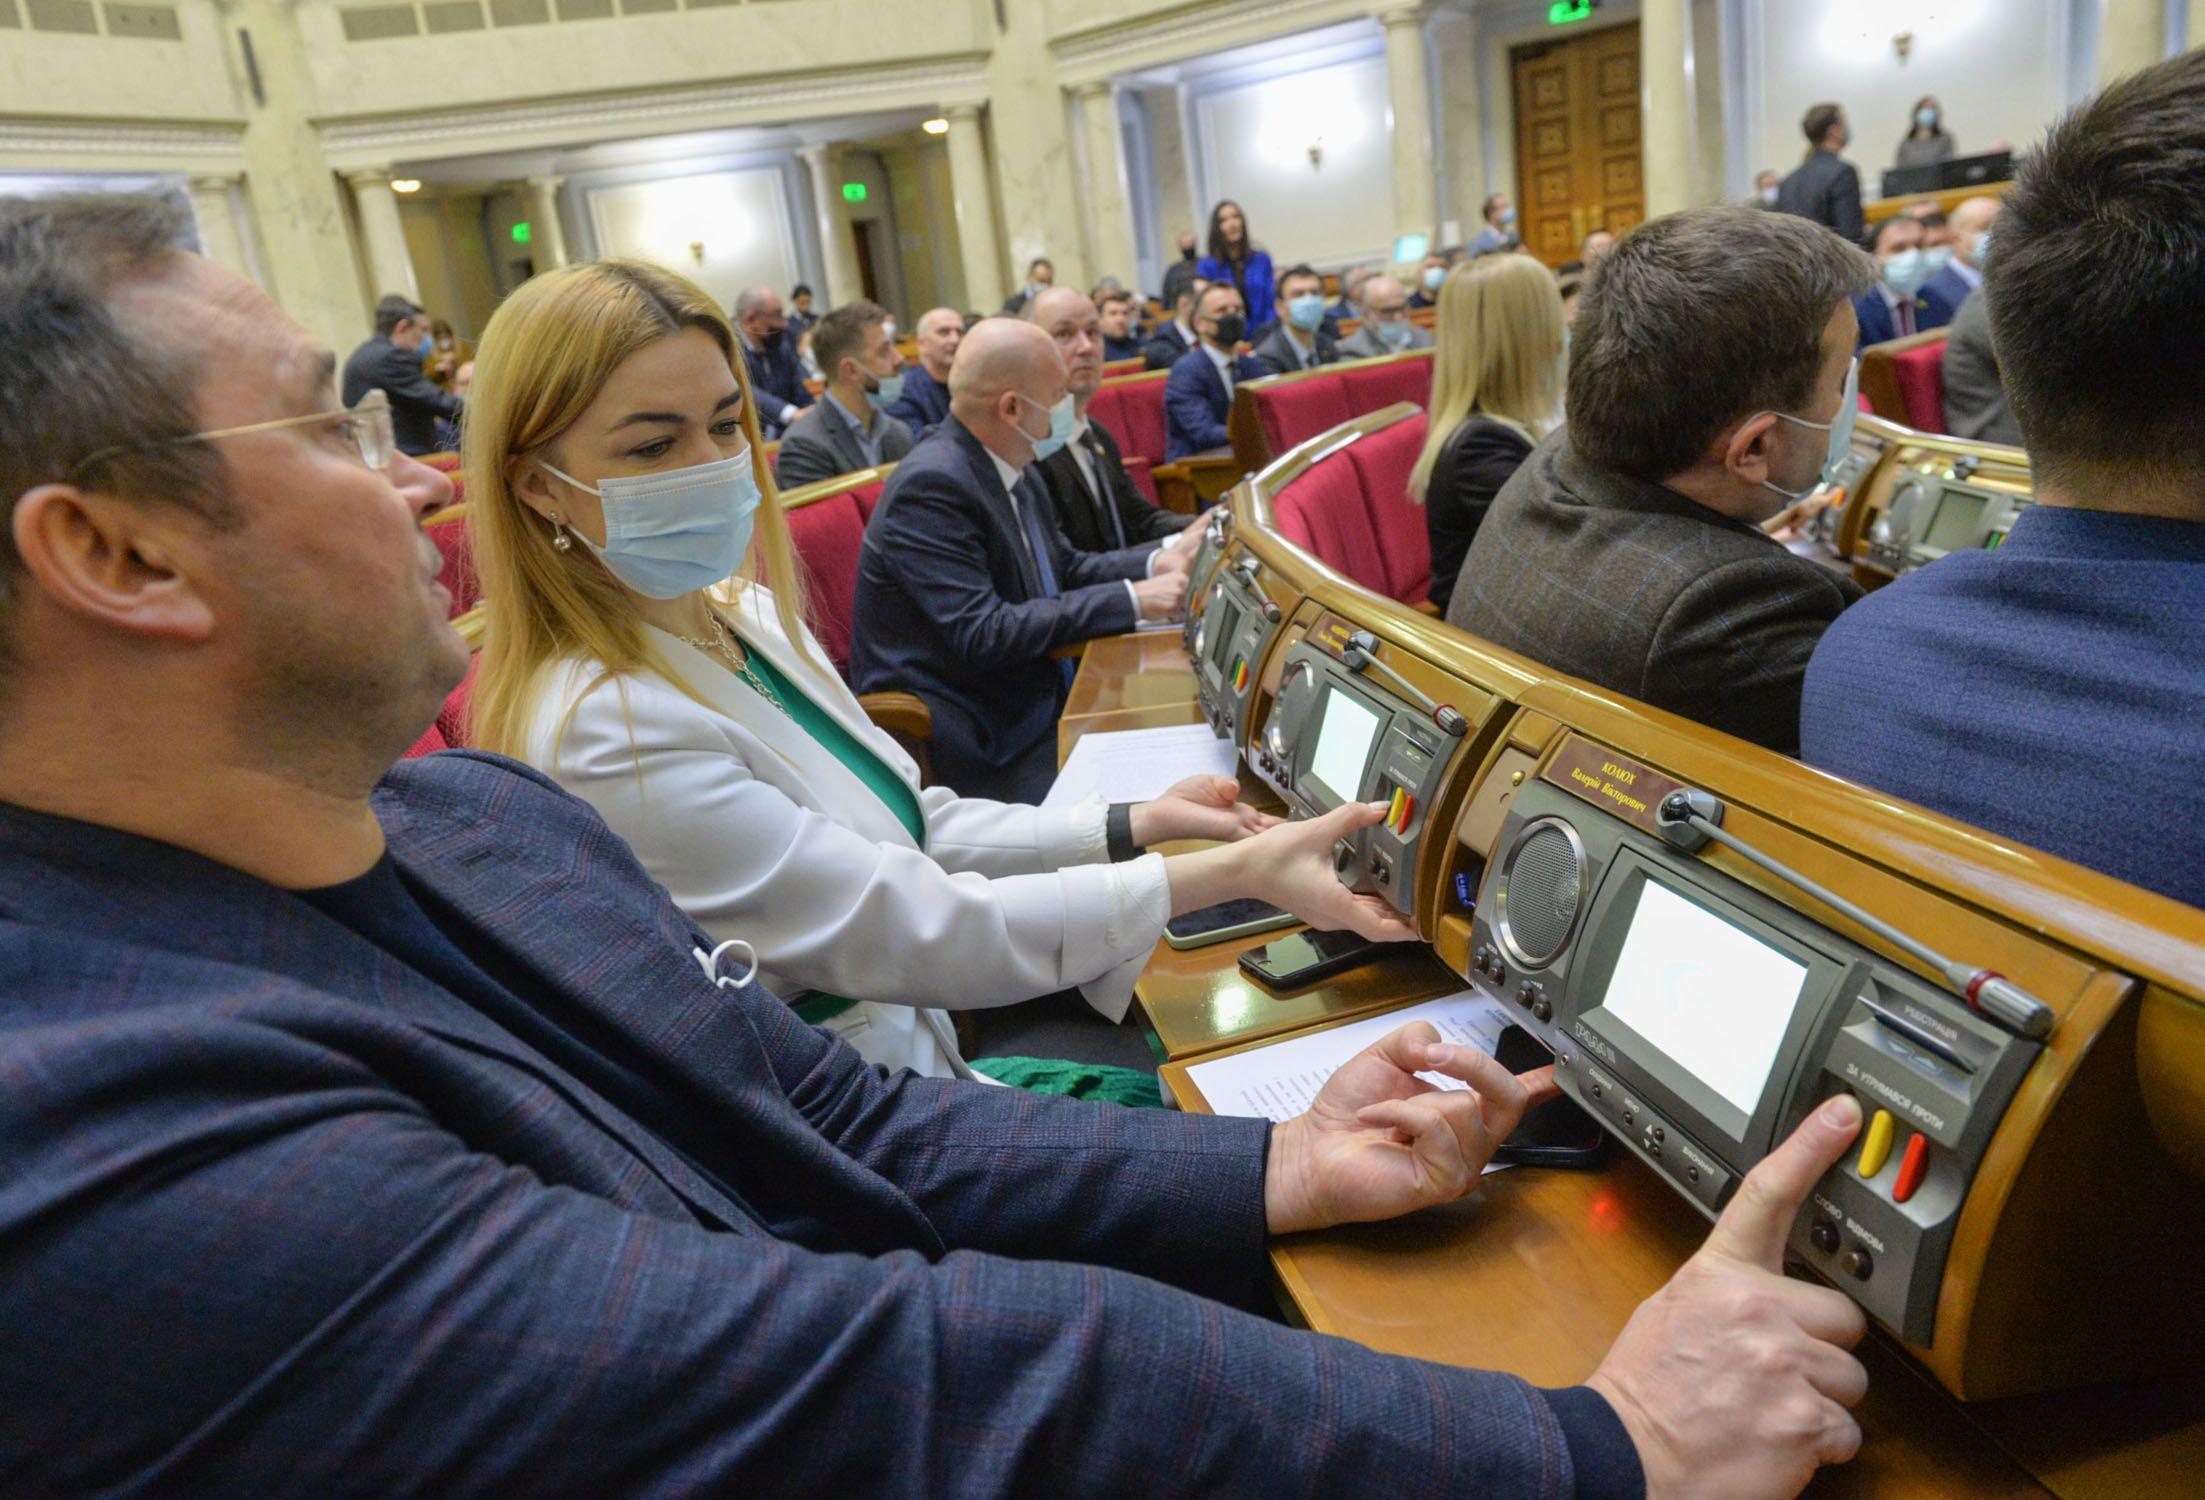 В Верховной Раде заработала сенсорная кнопка системы голосования